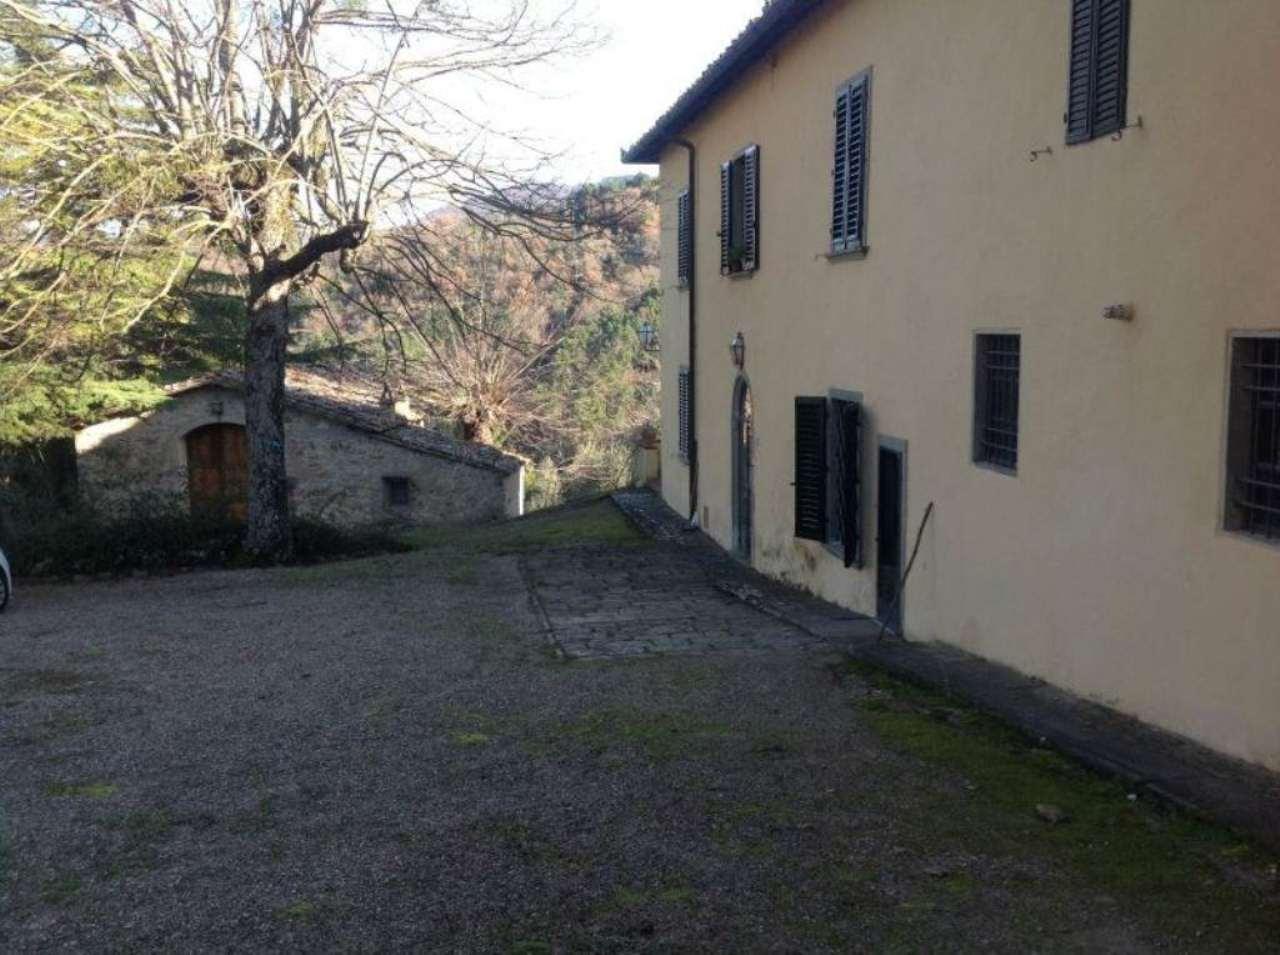 Rustico / Casale in vendita a Greve in Chianti, 9999 locali, prezzo € 1.600.000   Cambio Casa.it